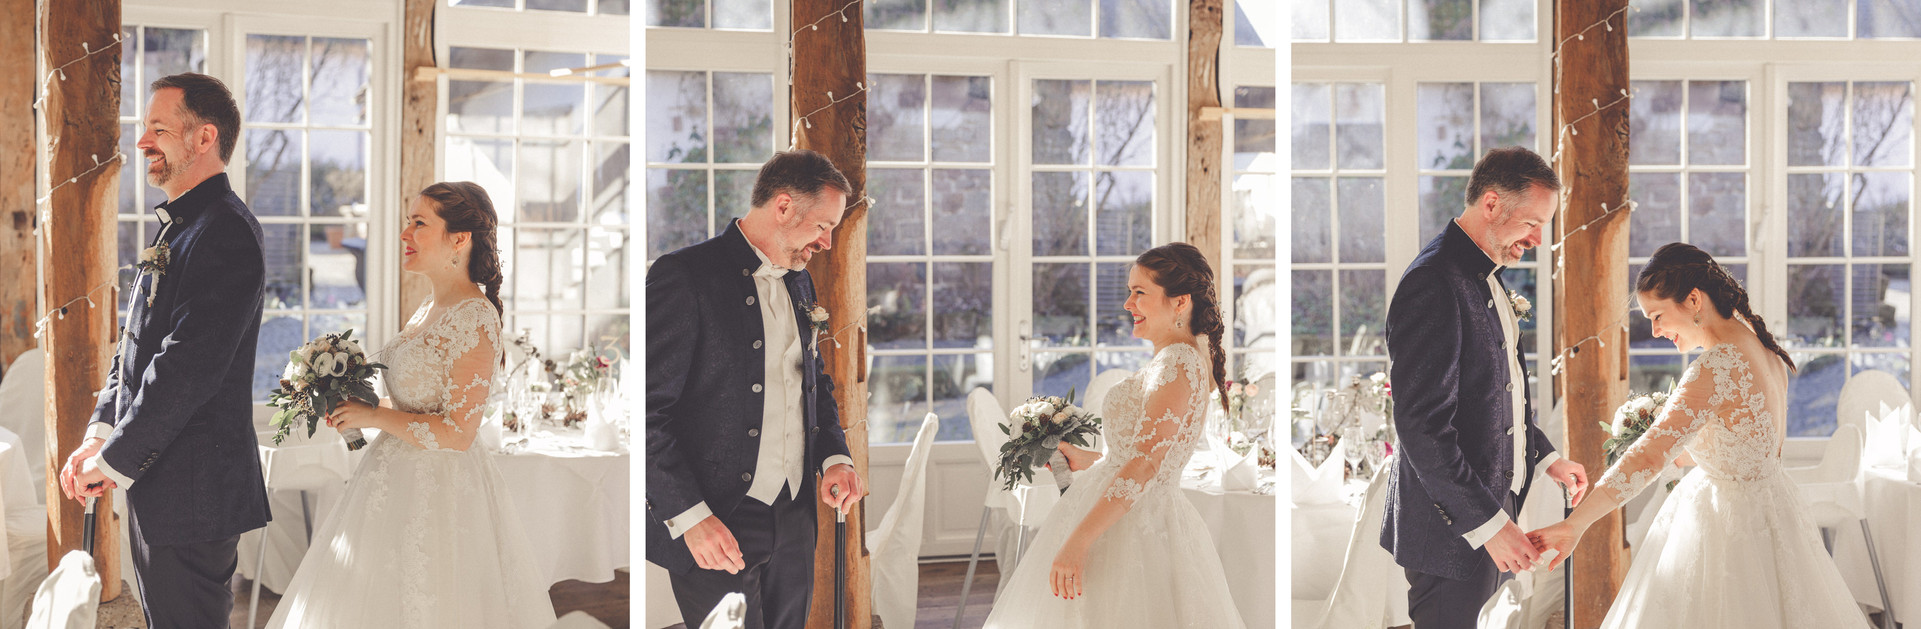 First look | Brautpaar | Hochzeitslocation